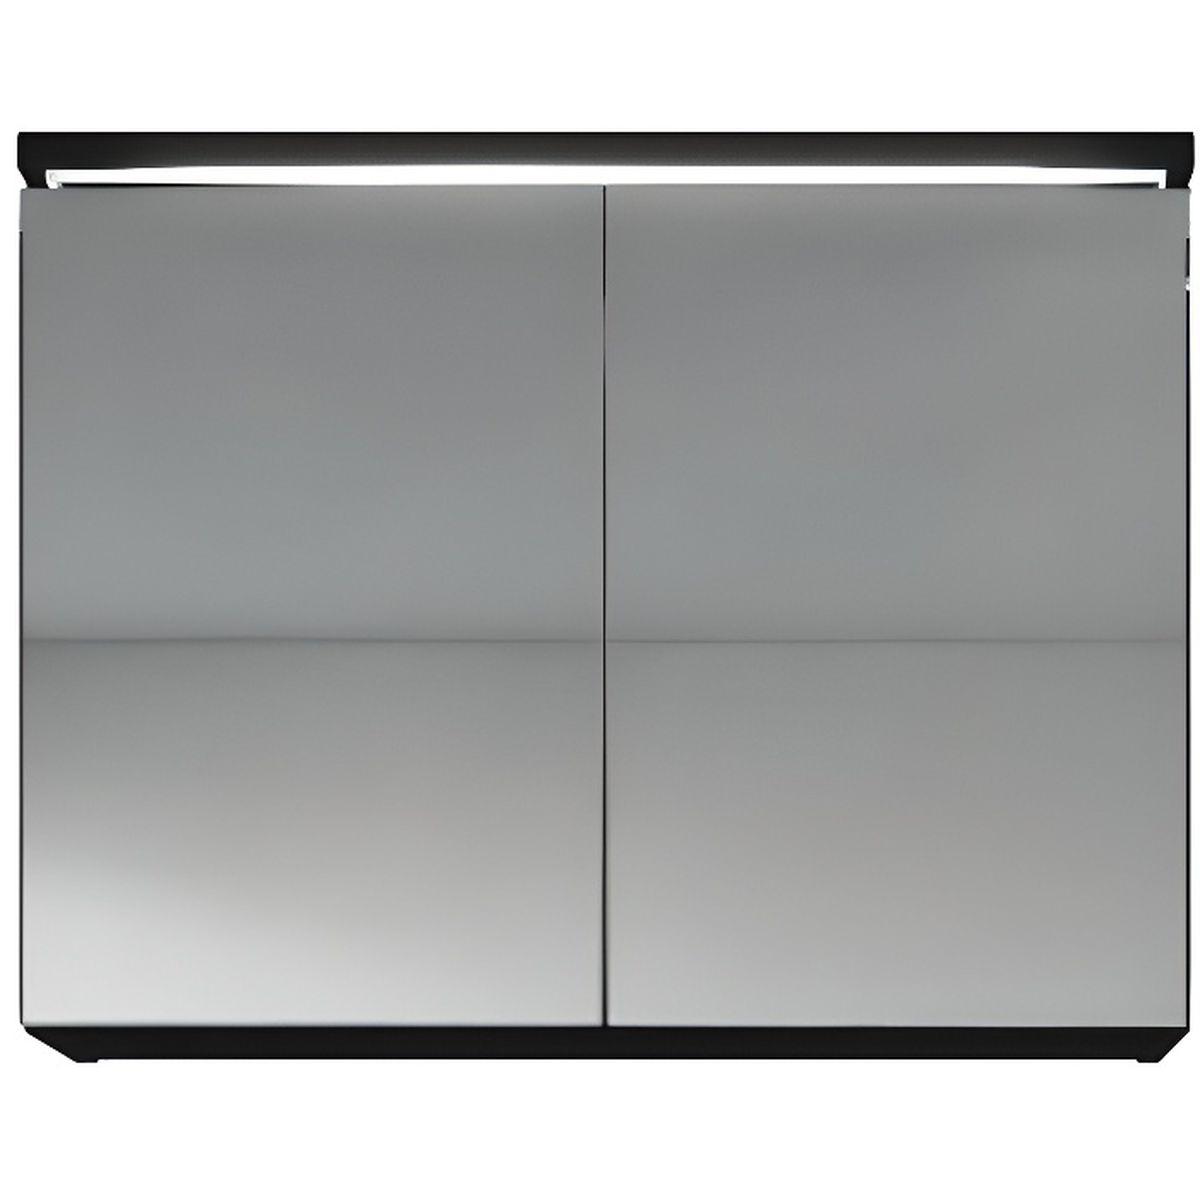 Meuble miroir 80x50 cm noir brillance miroir armoire for Mirroir salle de bain